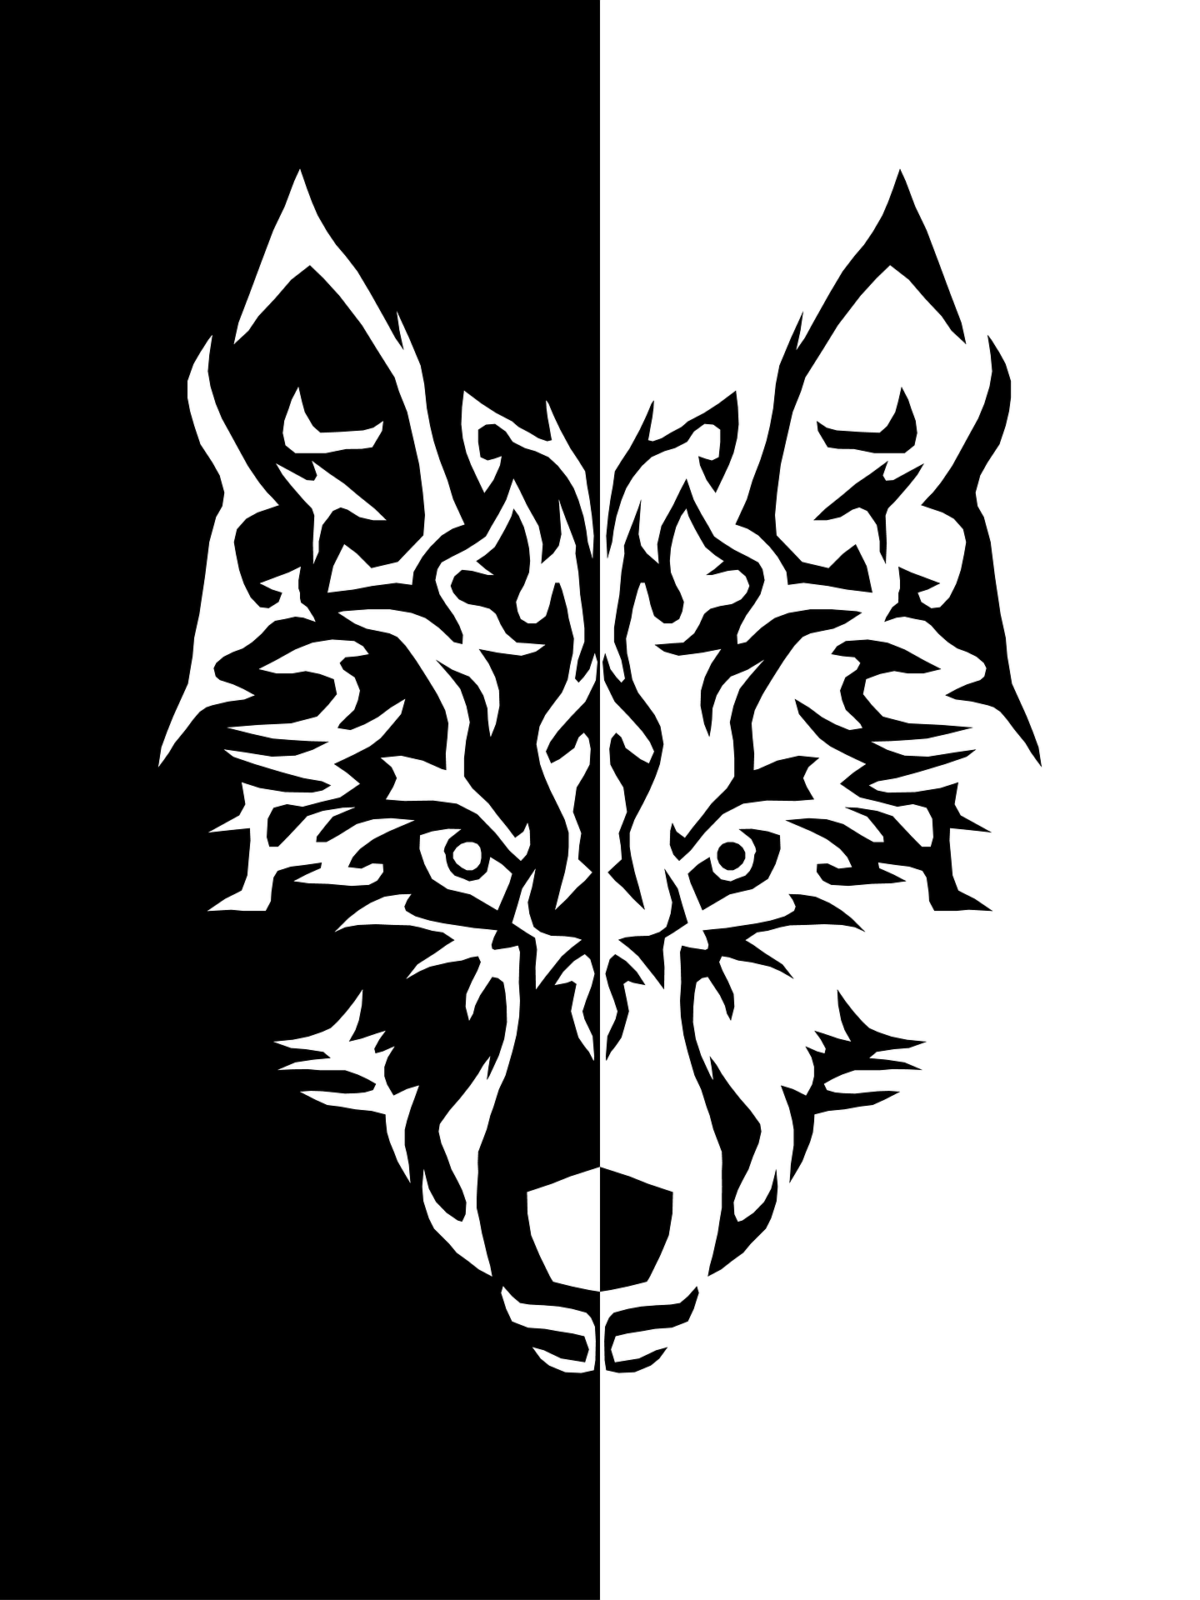 Grafik eines Wolfskopfes - die linke Hälfte weiß auf schwarzem Grund, die rechte Hälfte schwarz auf weißem Hintergrund